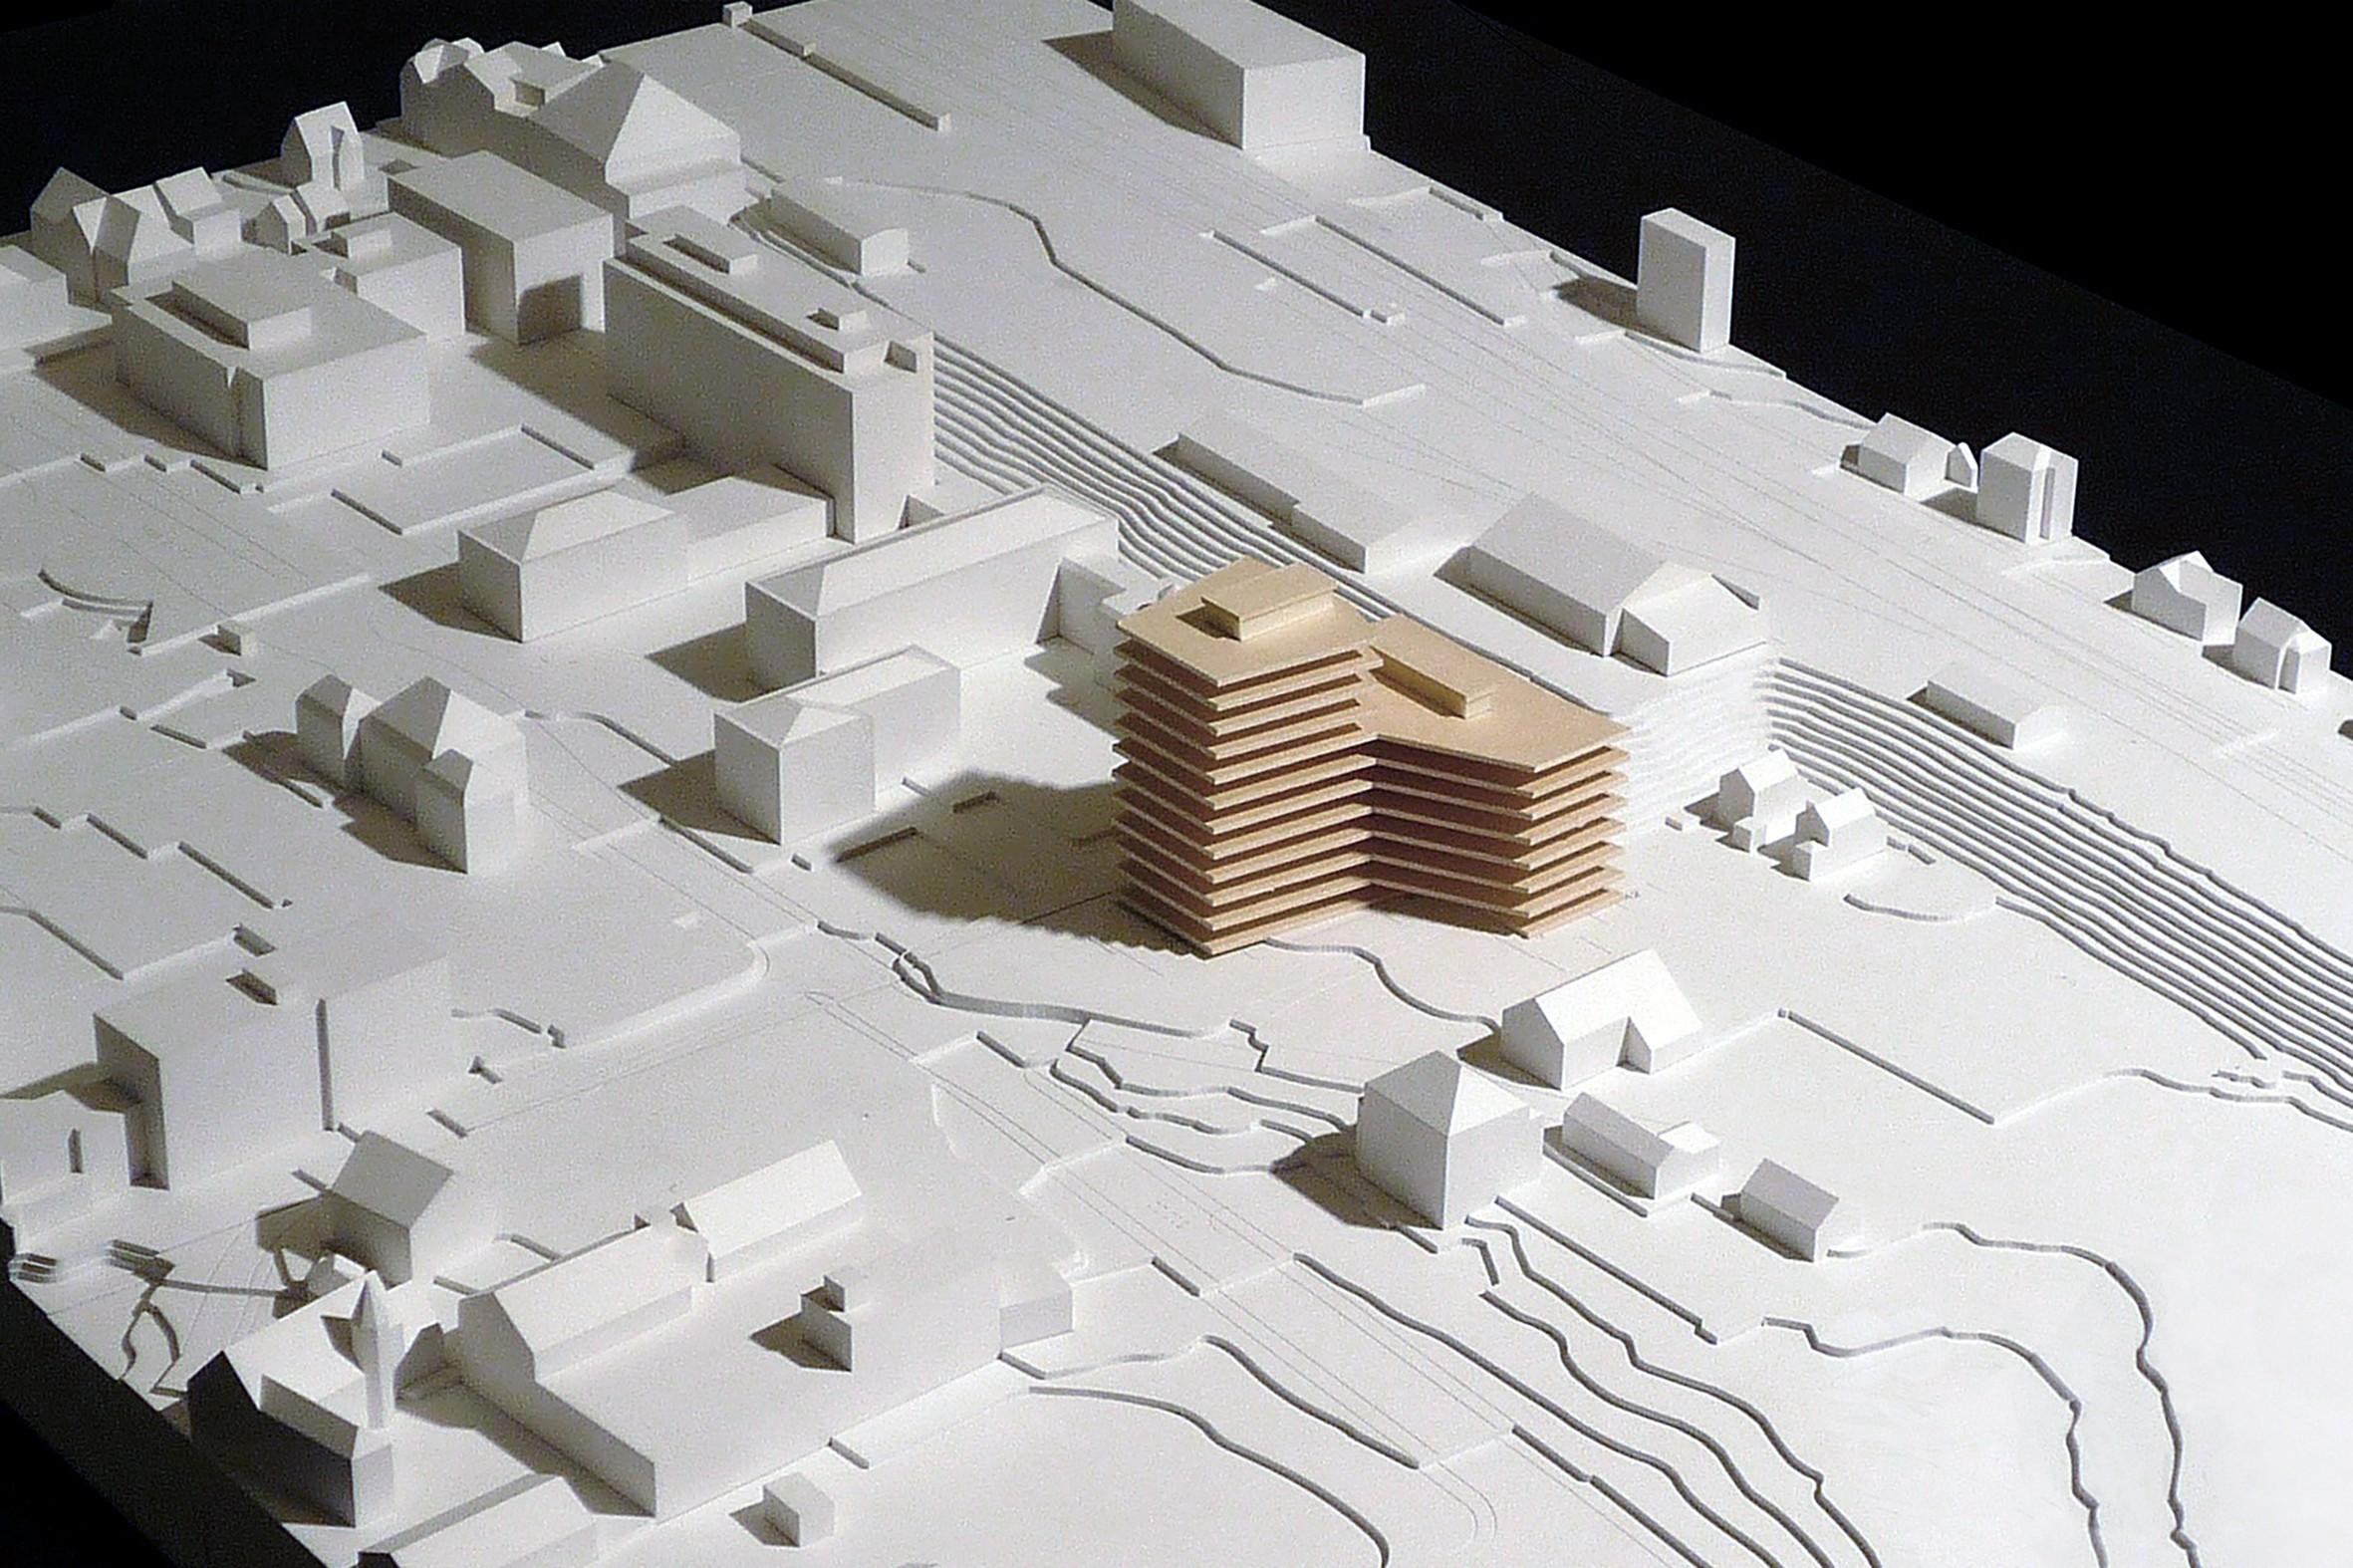 Modell des neuen Verwaltungsgebäudes in Liestal